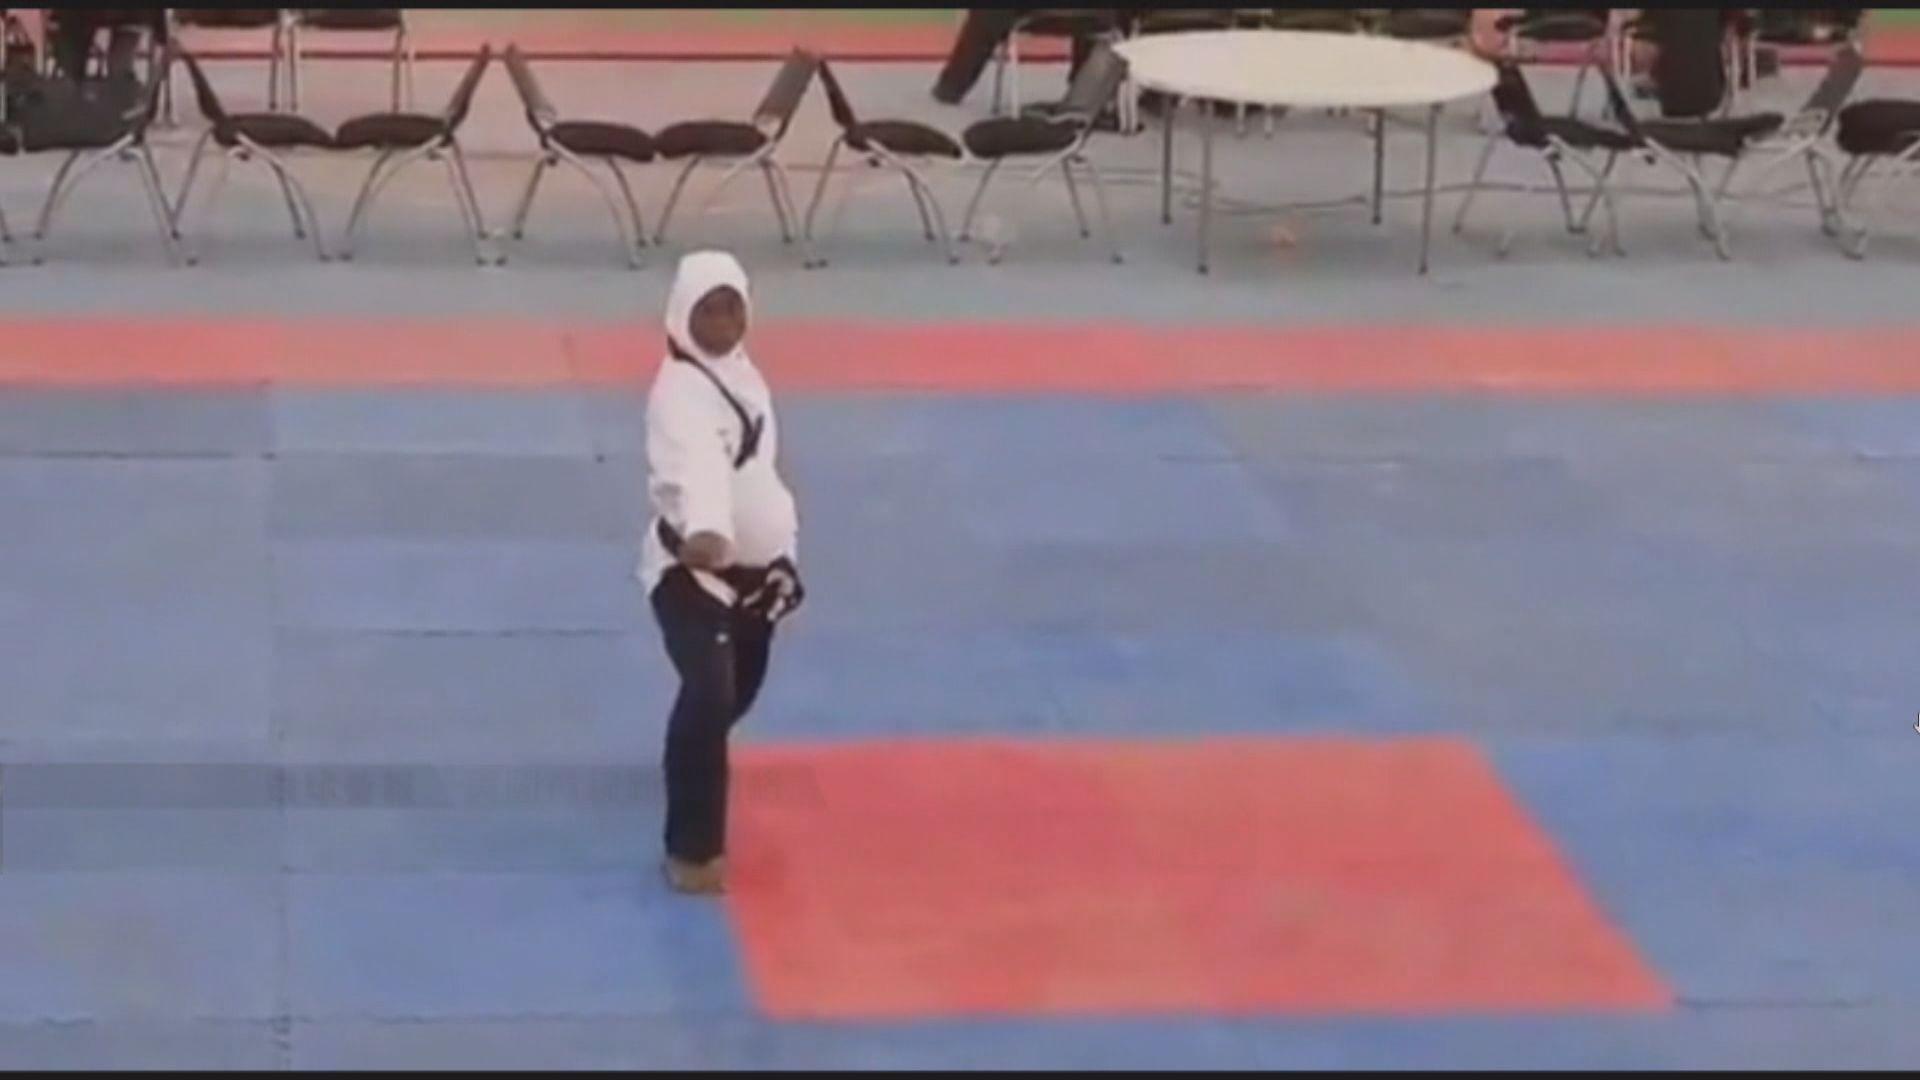 【環球薈報】尼日利亞孕婦贏得跆拳道品勢比賽冠軍